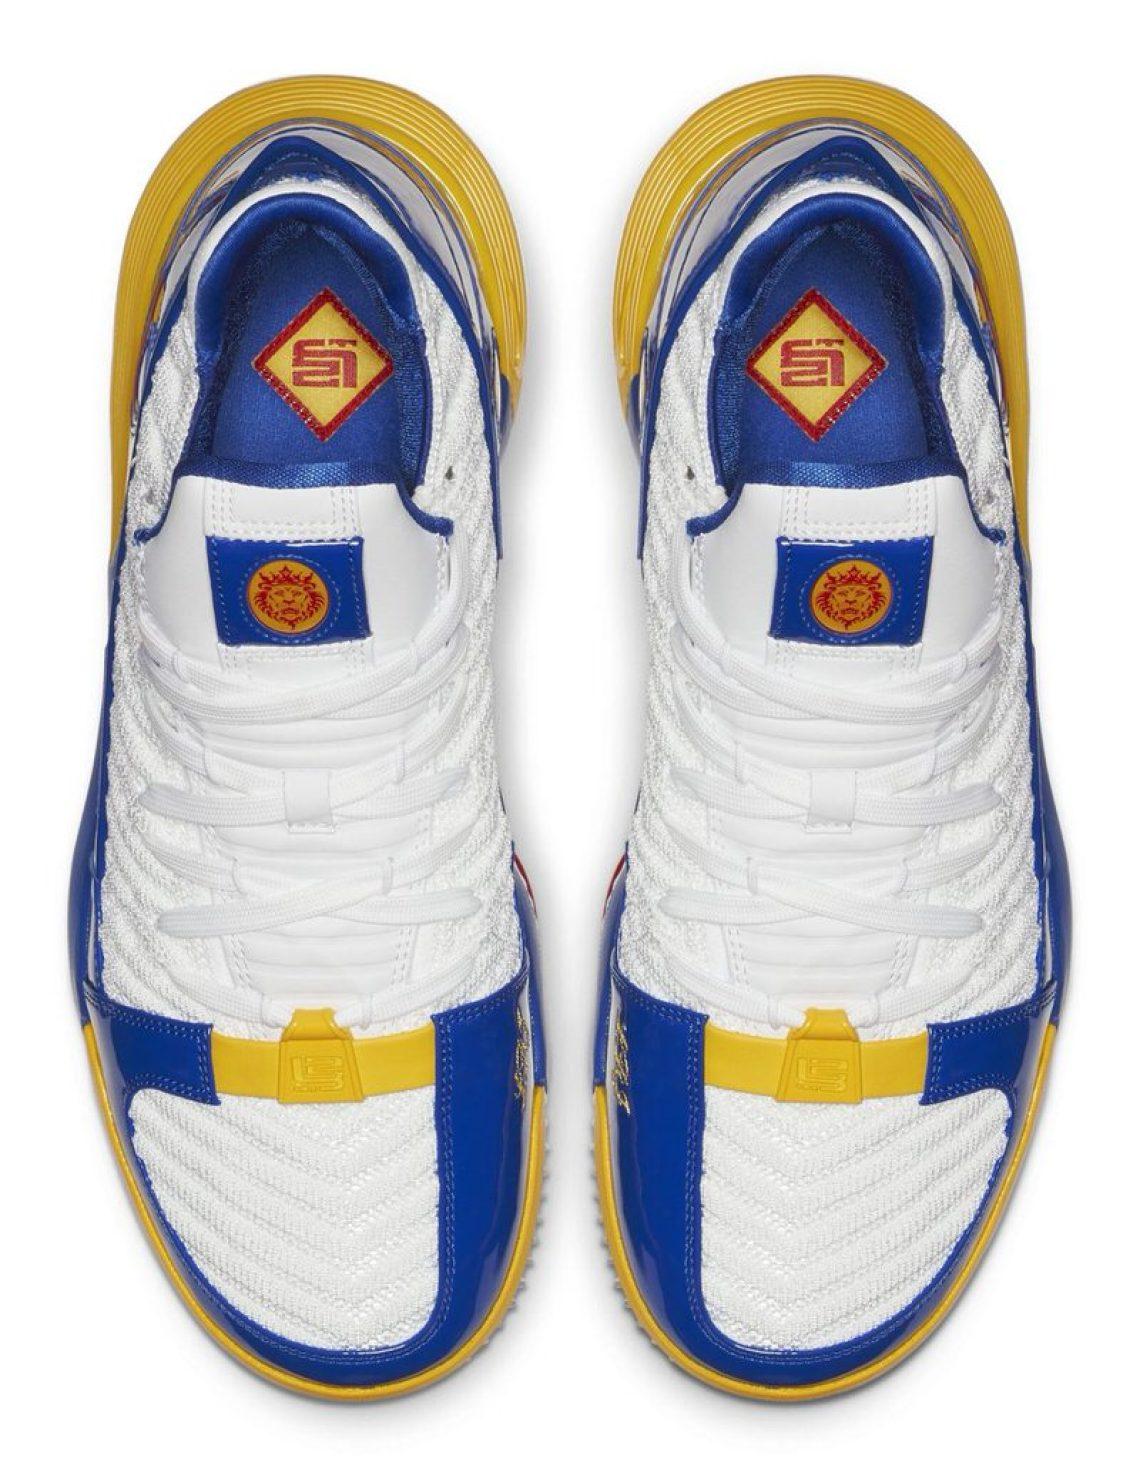 a55f946a72fe Nike LeBron 16